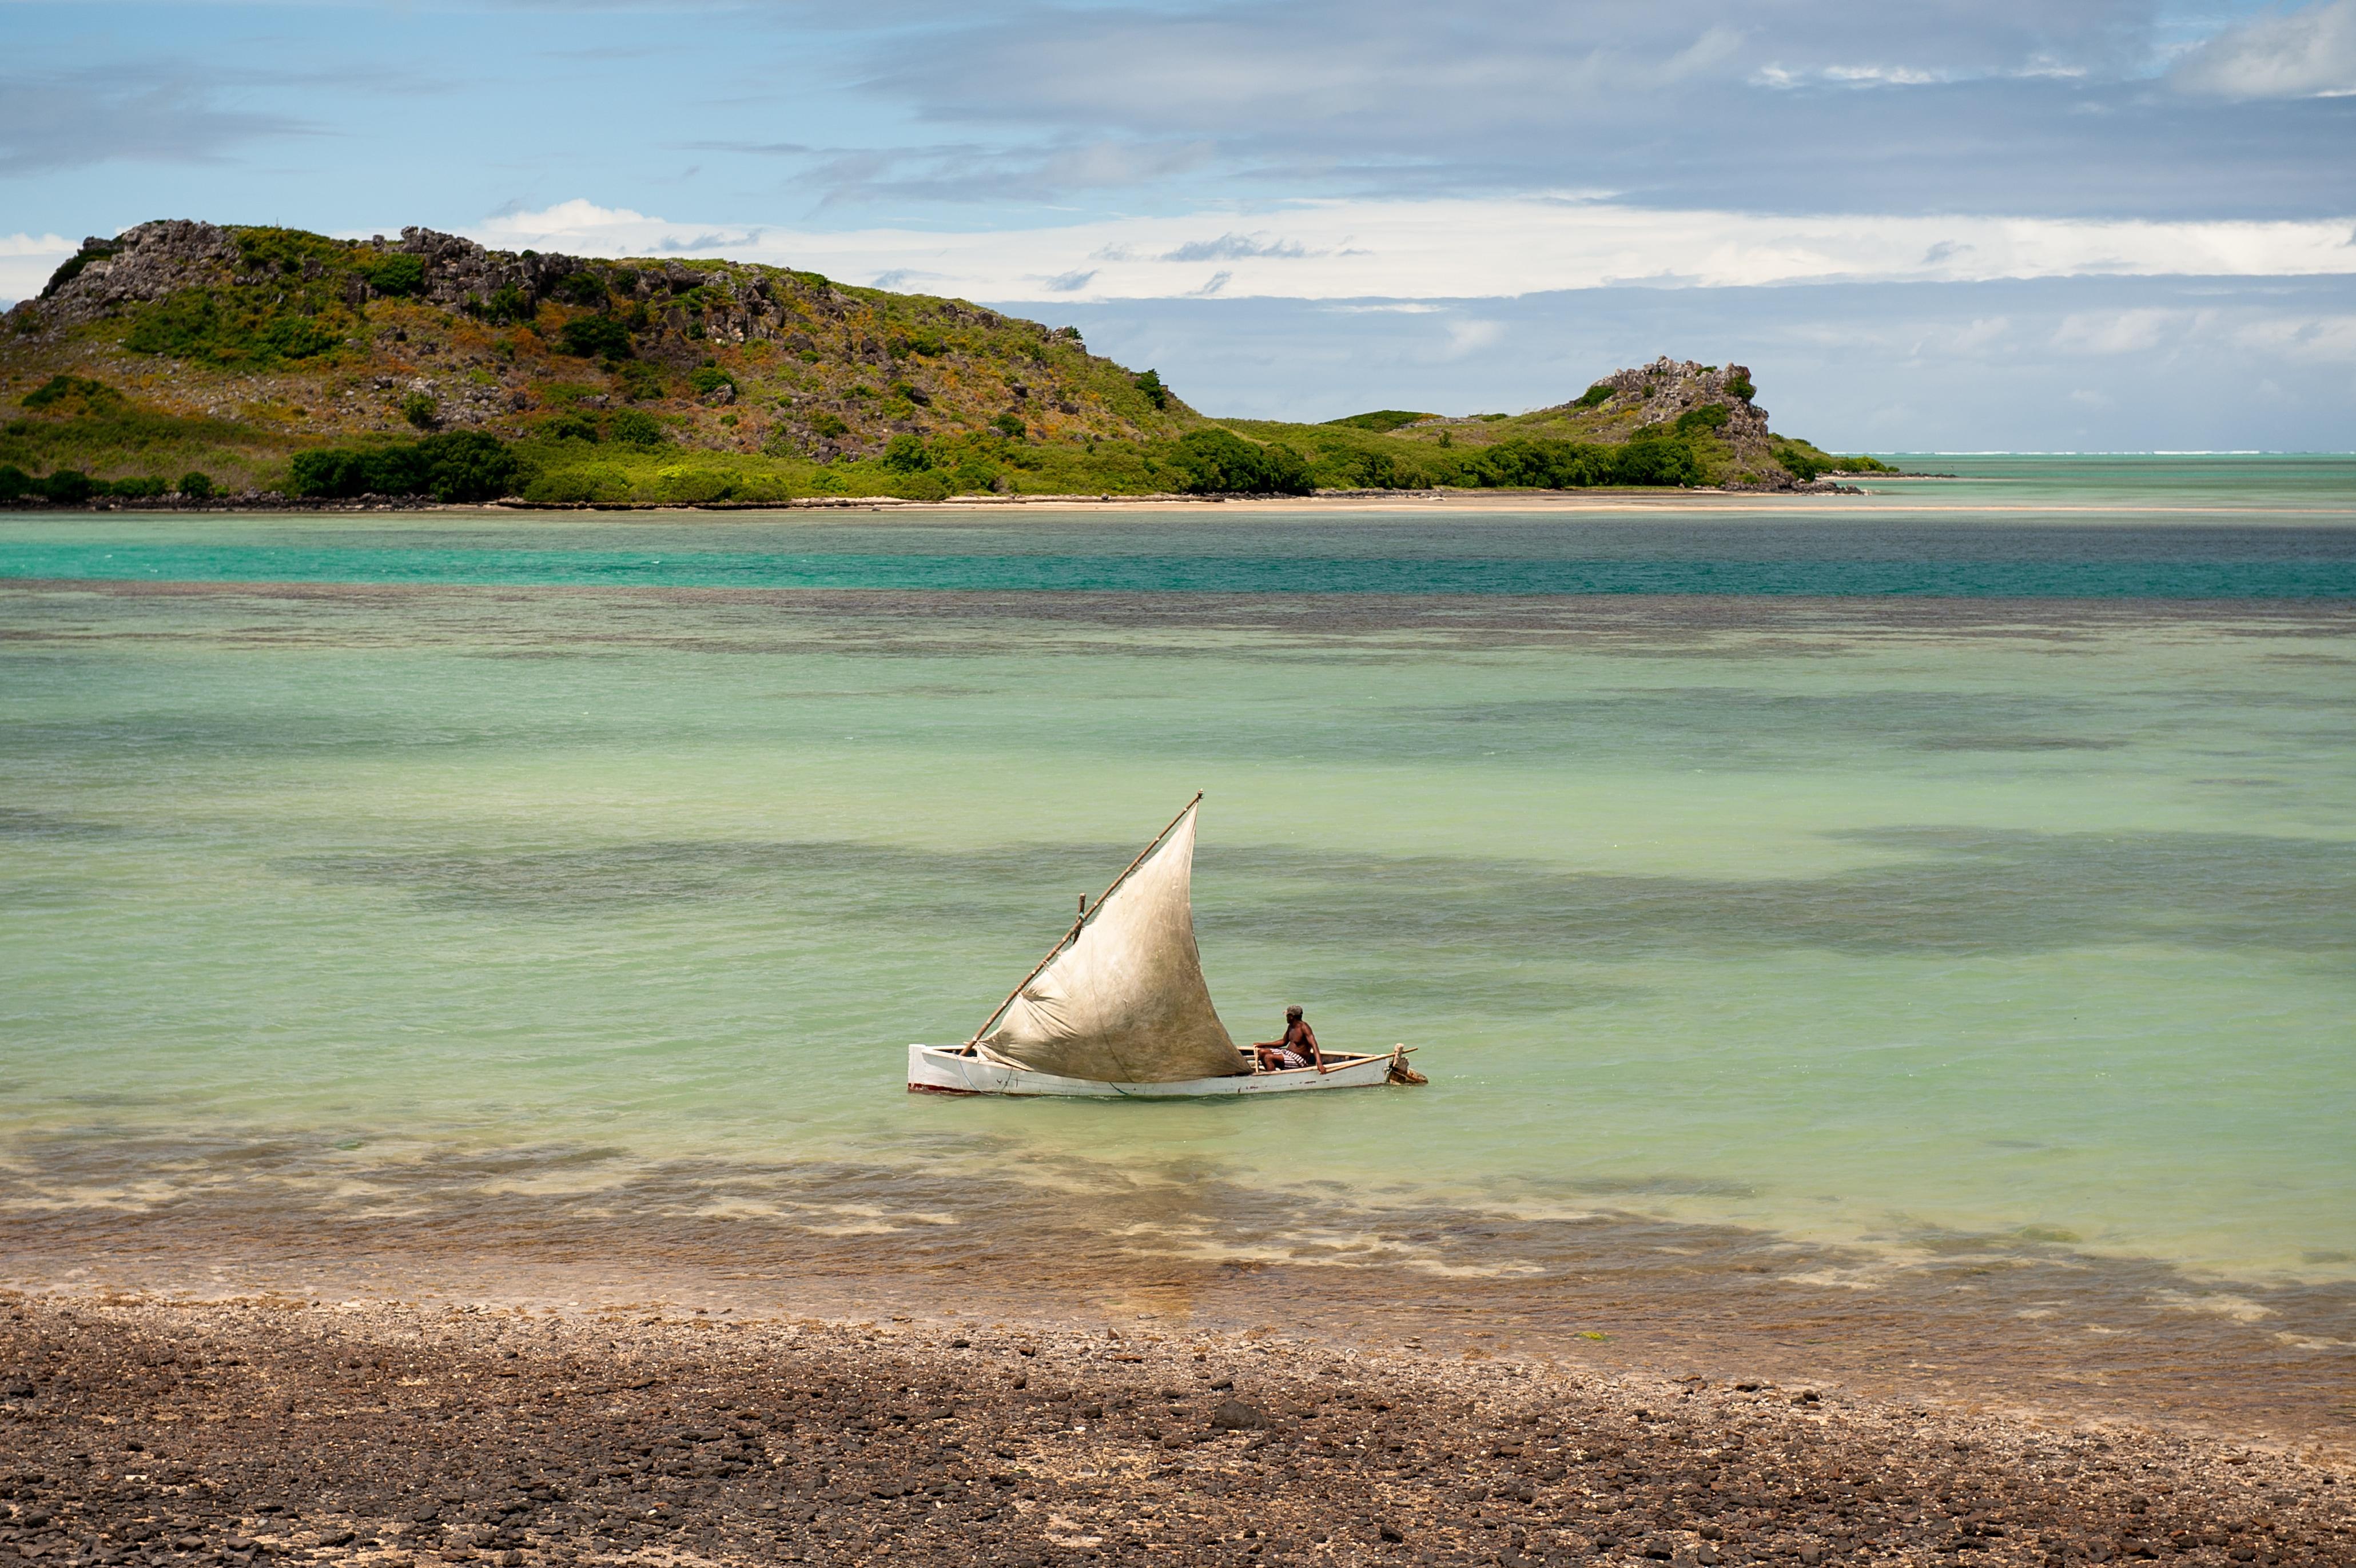 Mauritius Island Guide - Mauritius Island Tourism